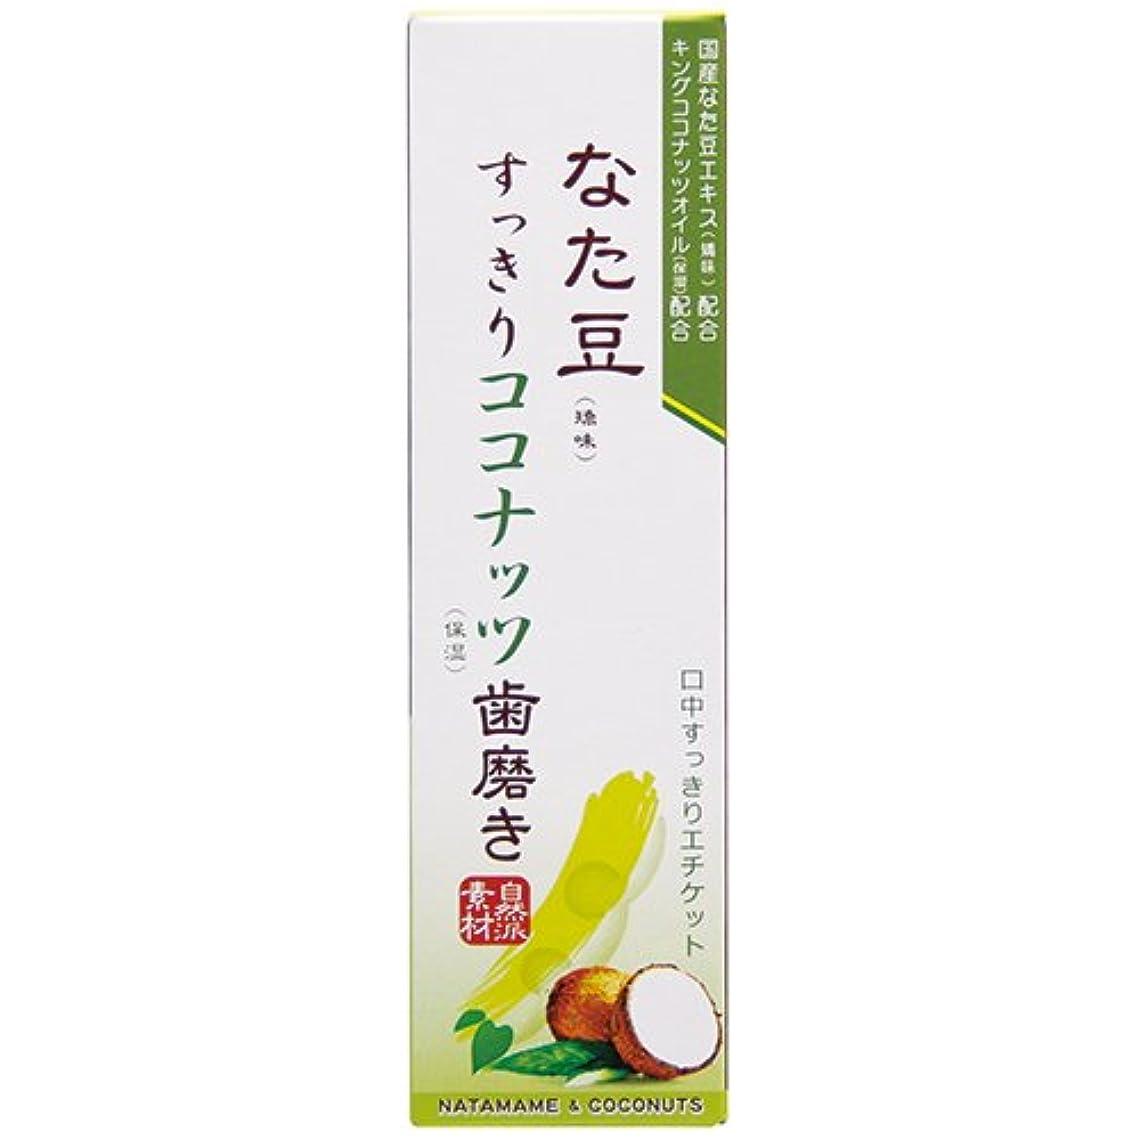 なた豆すっきりココナッツ歯磨き粉 120g